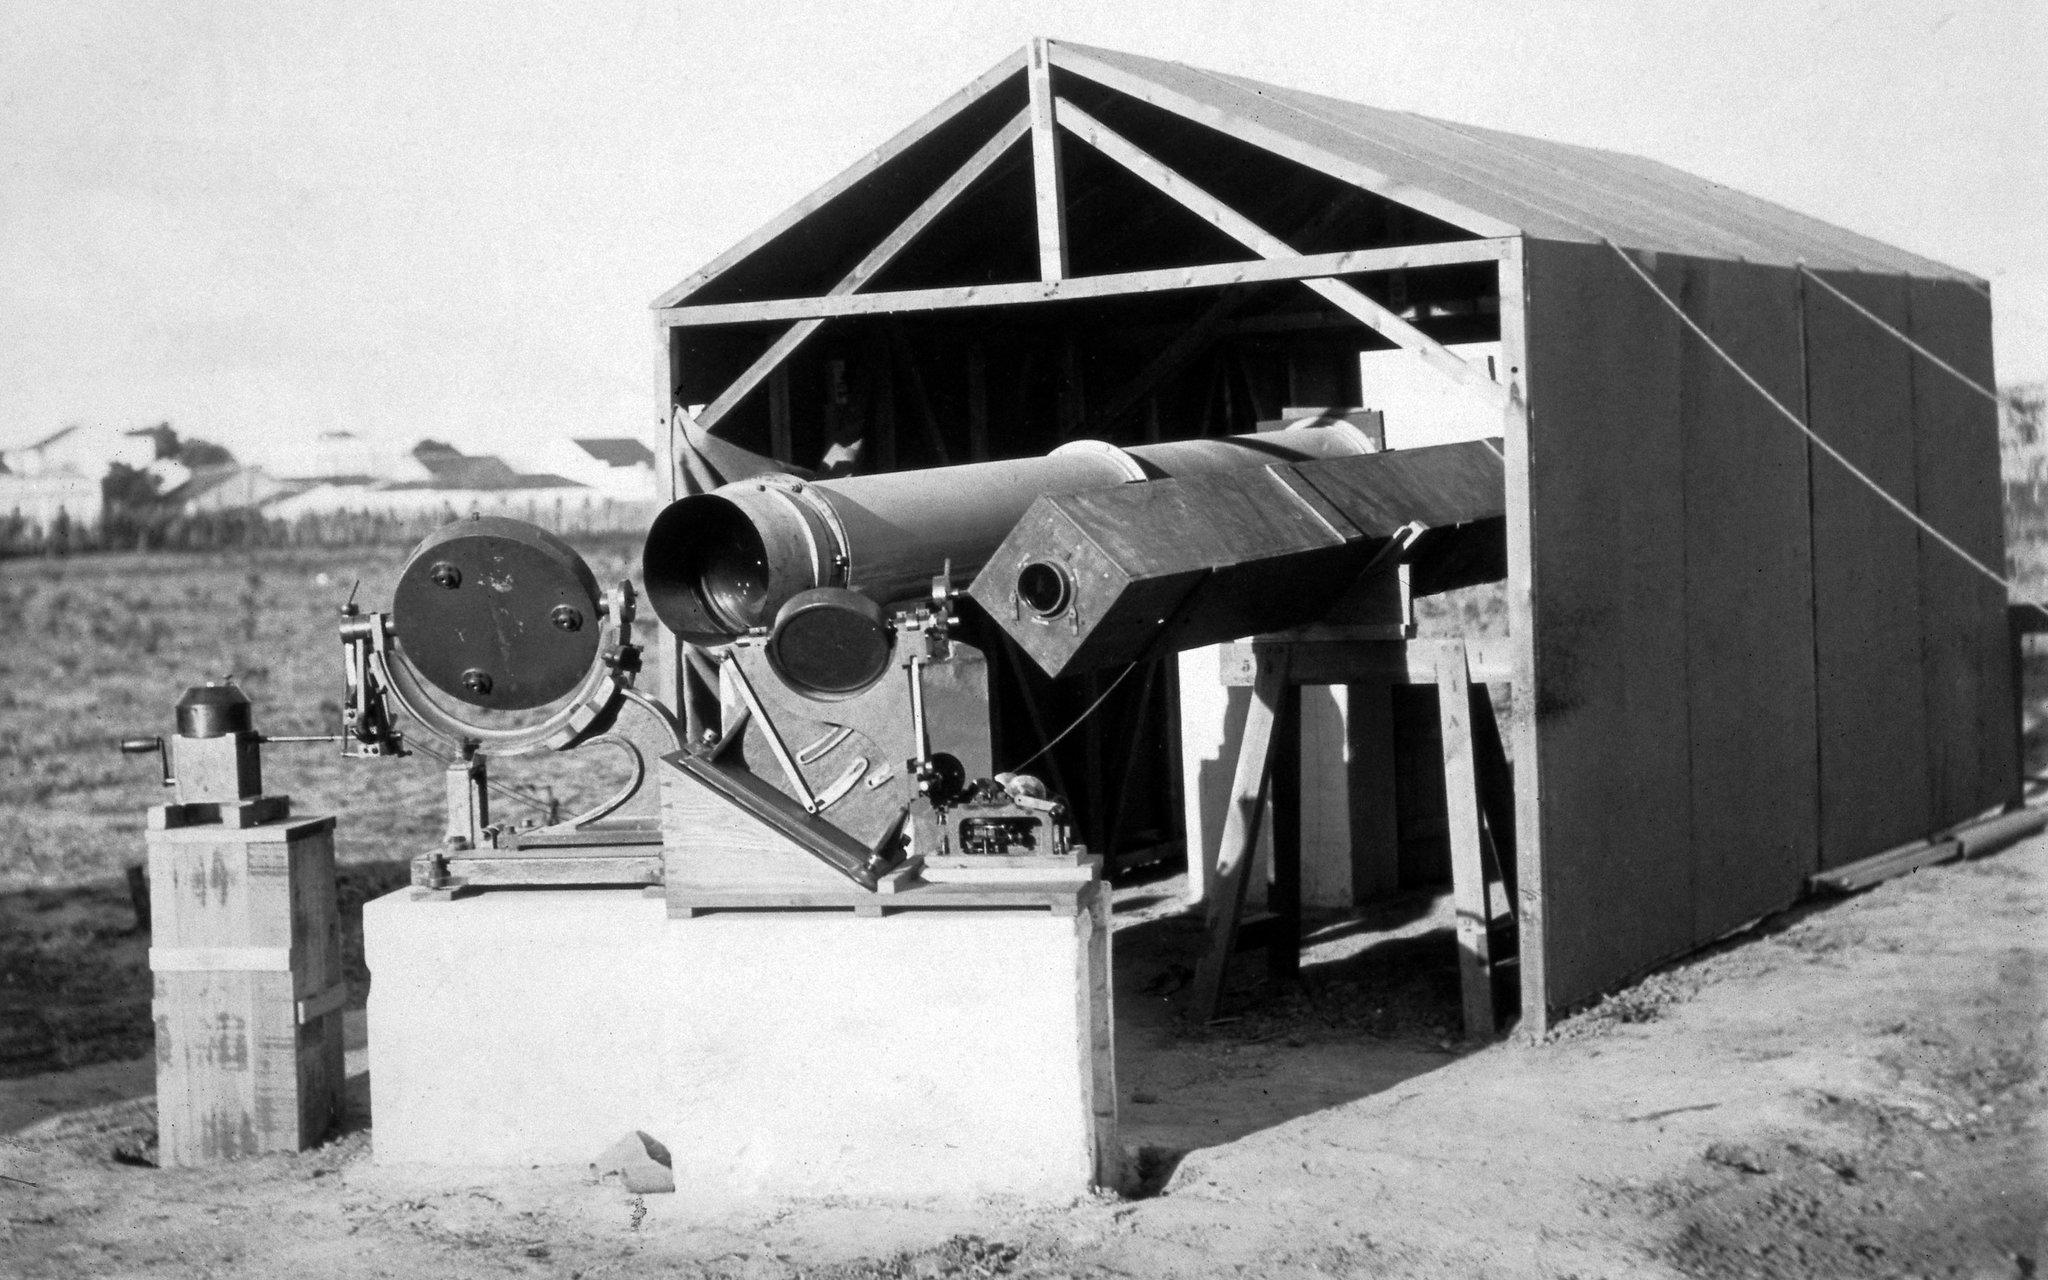 Instrumentos utilizados durante a expedição do eclipse solar de 29 de maio de 1919, em Sobral, Brasil.